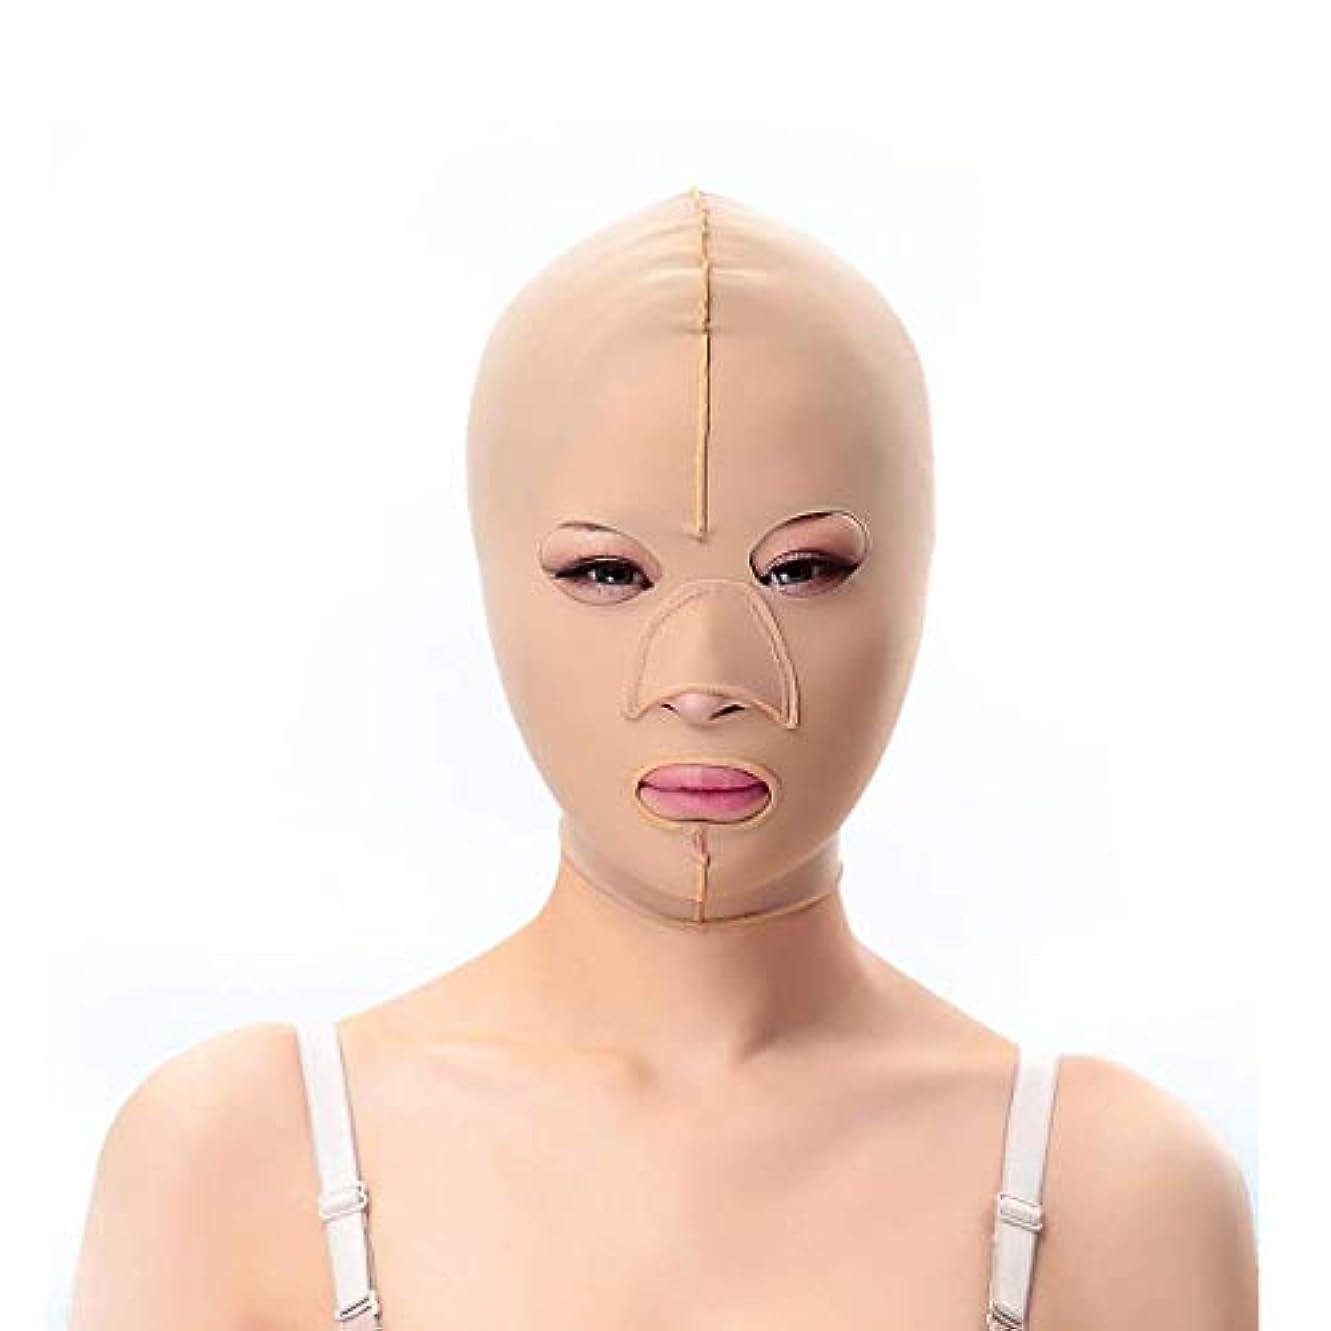 自信がある有益なハグスリミングベルト、フェイシャルマスク薄いフェイスマスク布布パターンリフティングダブルあご引き締めフェイシャルプラスチック顔アーティファクト強力な顔包帯(サイズ:M)